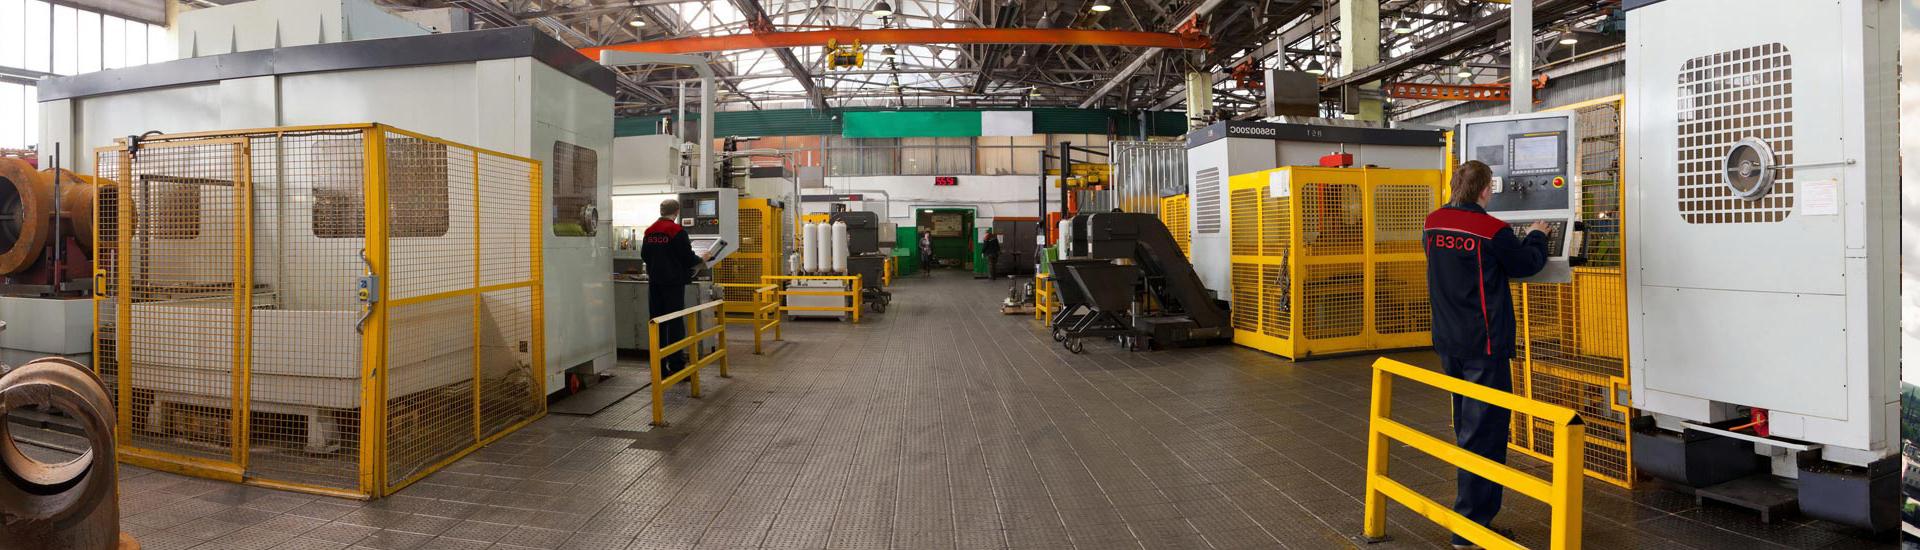 Теплообменник отдел кадров завод промывочный аппарат для теплообменников